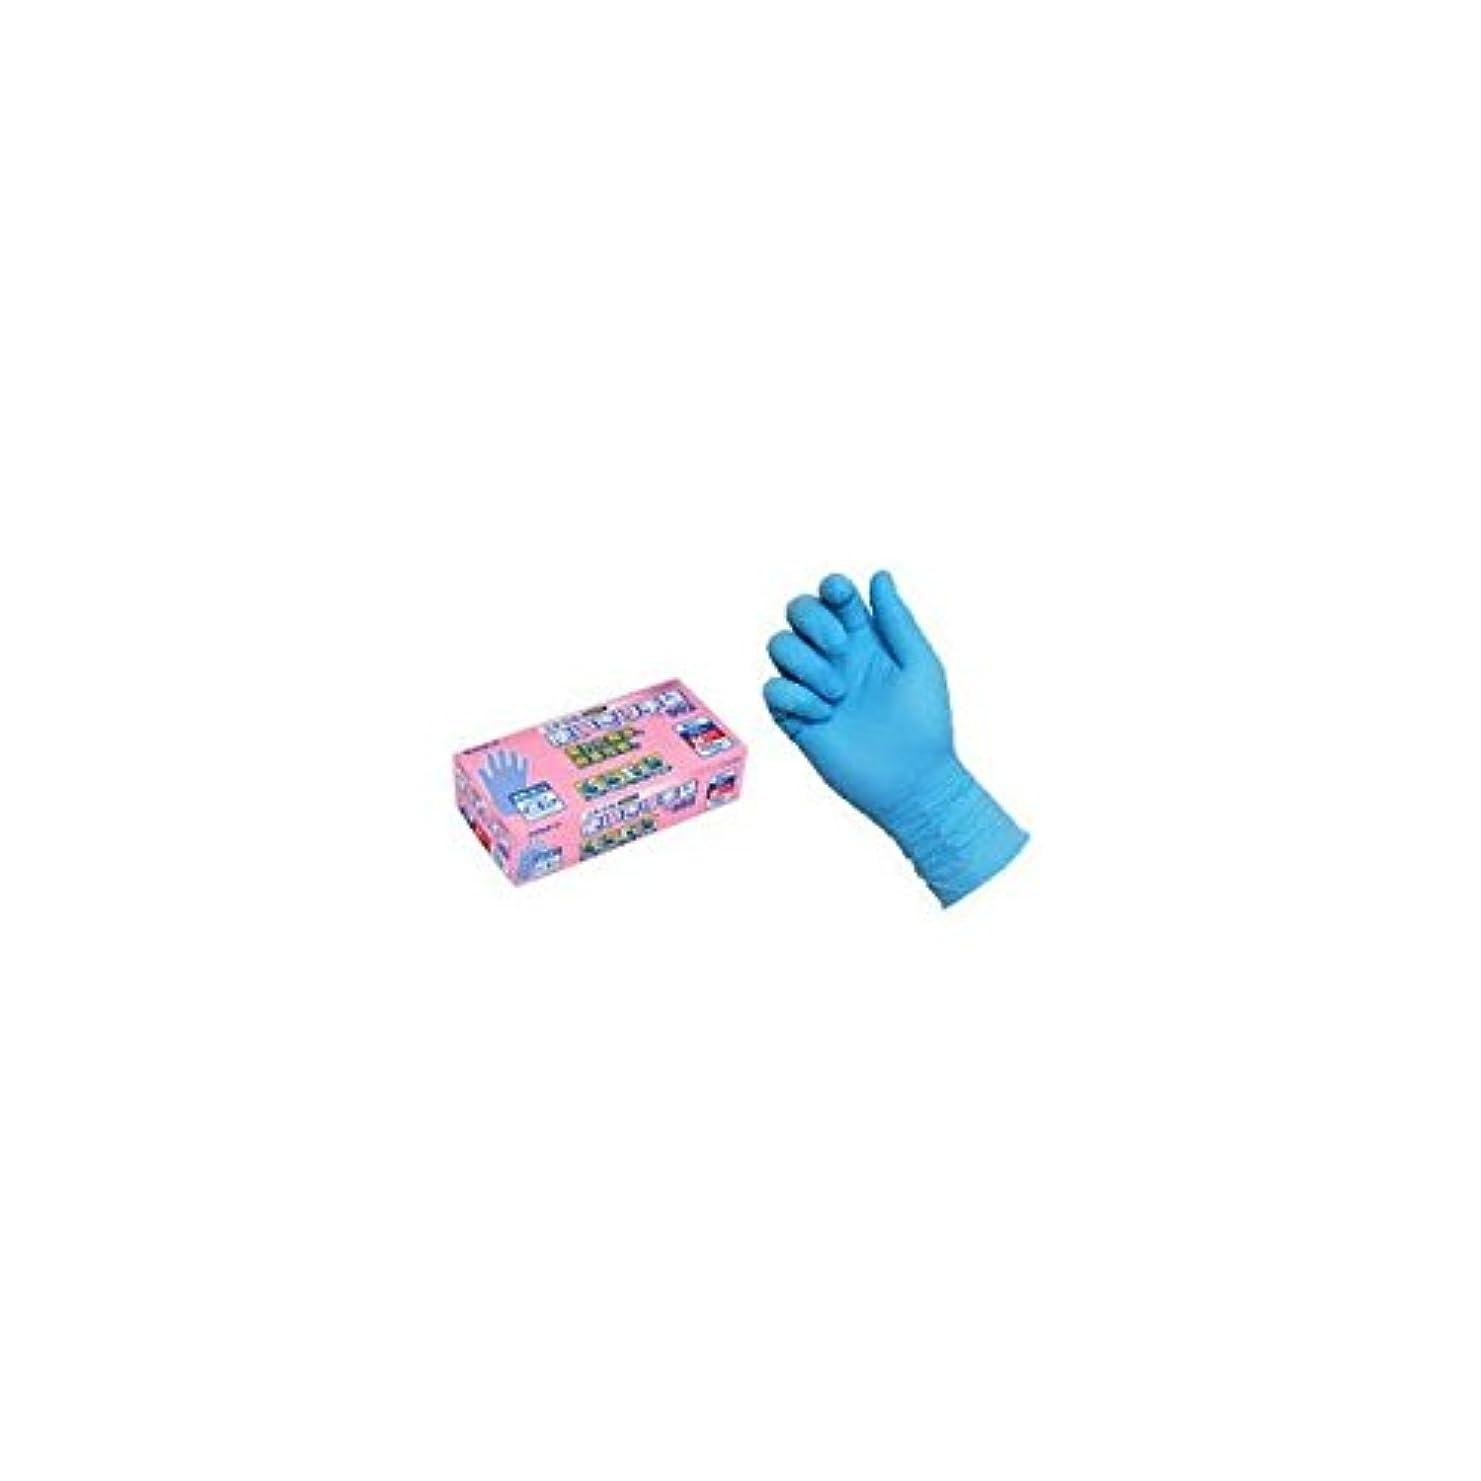 到着資本ジャンクションニトリル使いきり手袋 PF NO.992 S ブルー エステー 【商品CD】ST4762